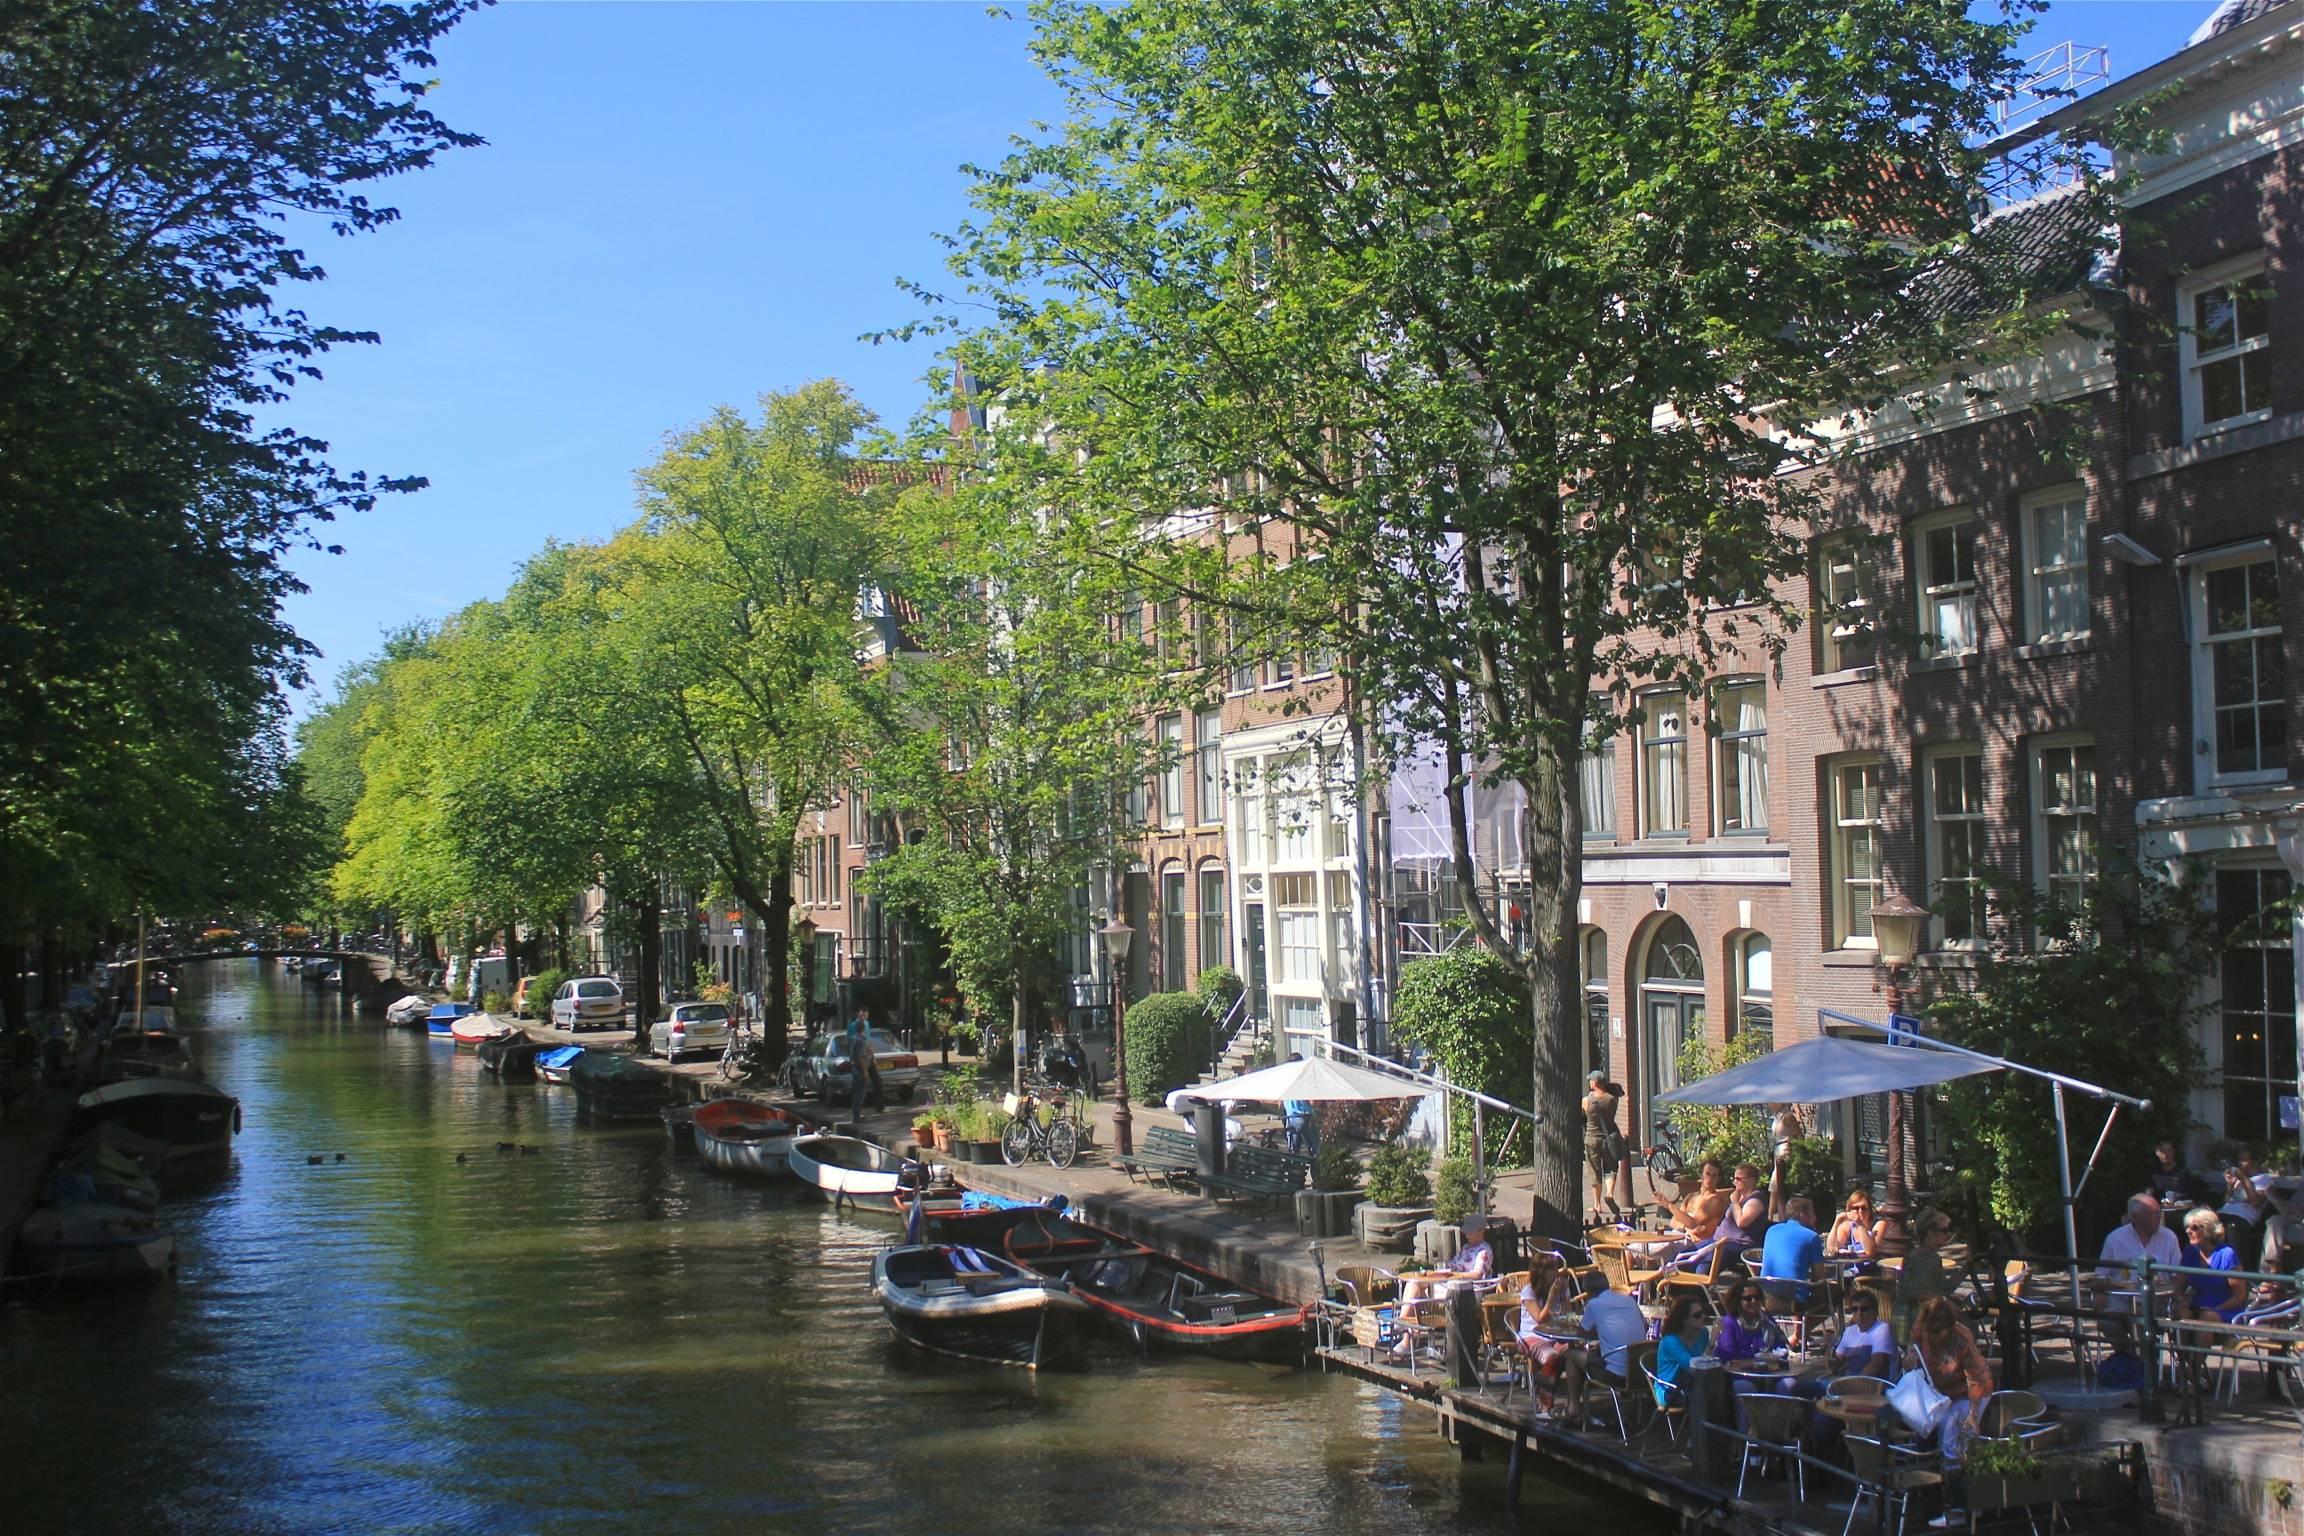 Photo 3: Quartier Jordaan